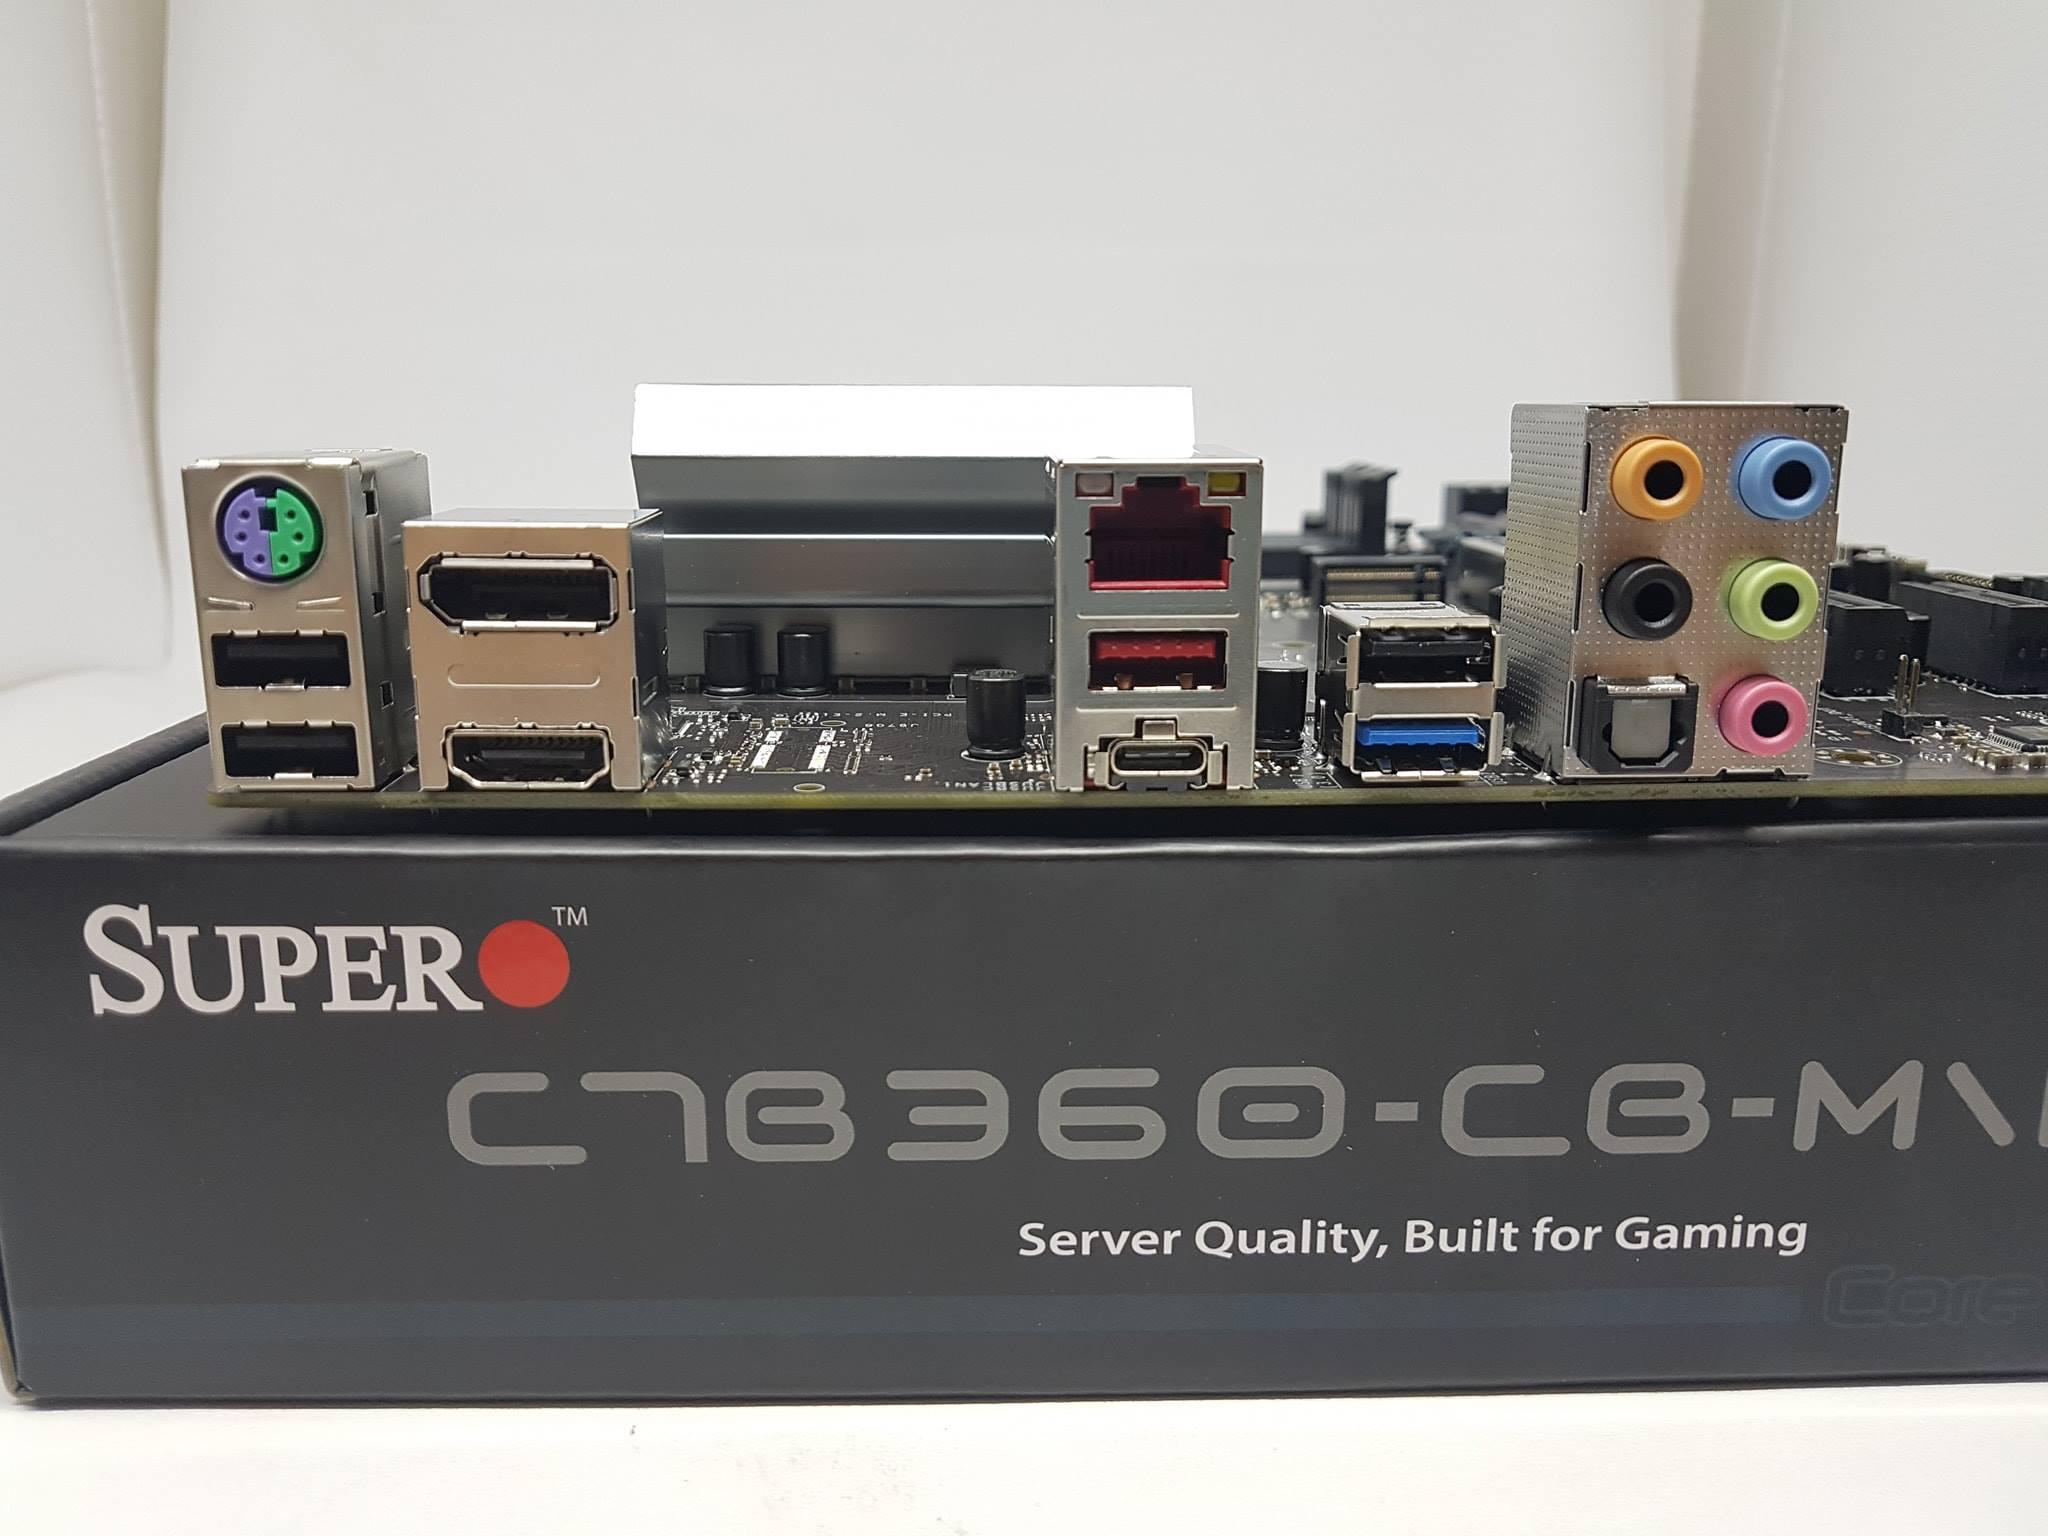 Bagaimana Performanya Berlaih ke pengujian performanya Med memadukan motherboard Supero C7B360 CB M W dengan prosesor Intel Core i3 8350K serta